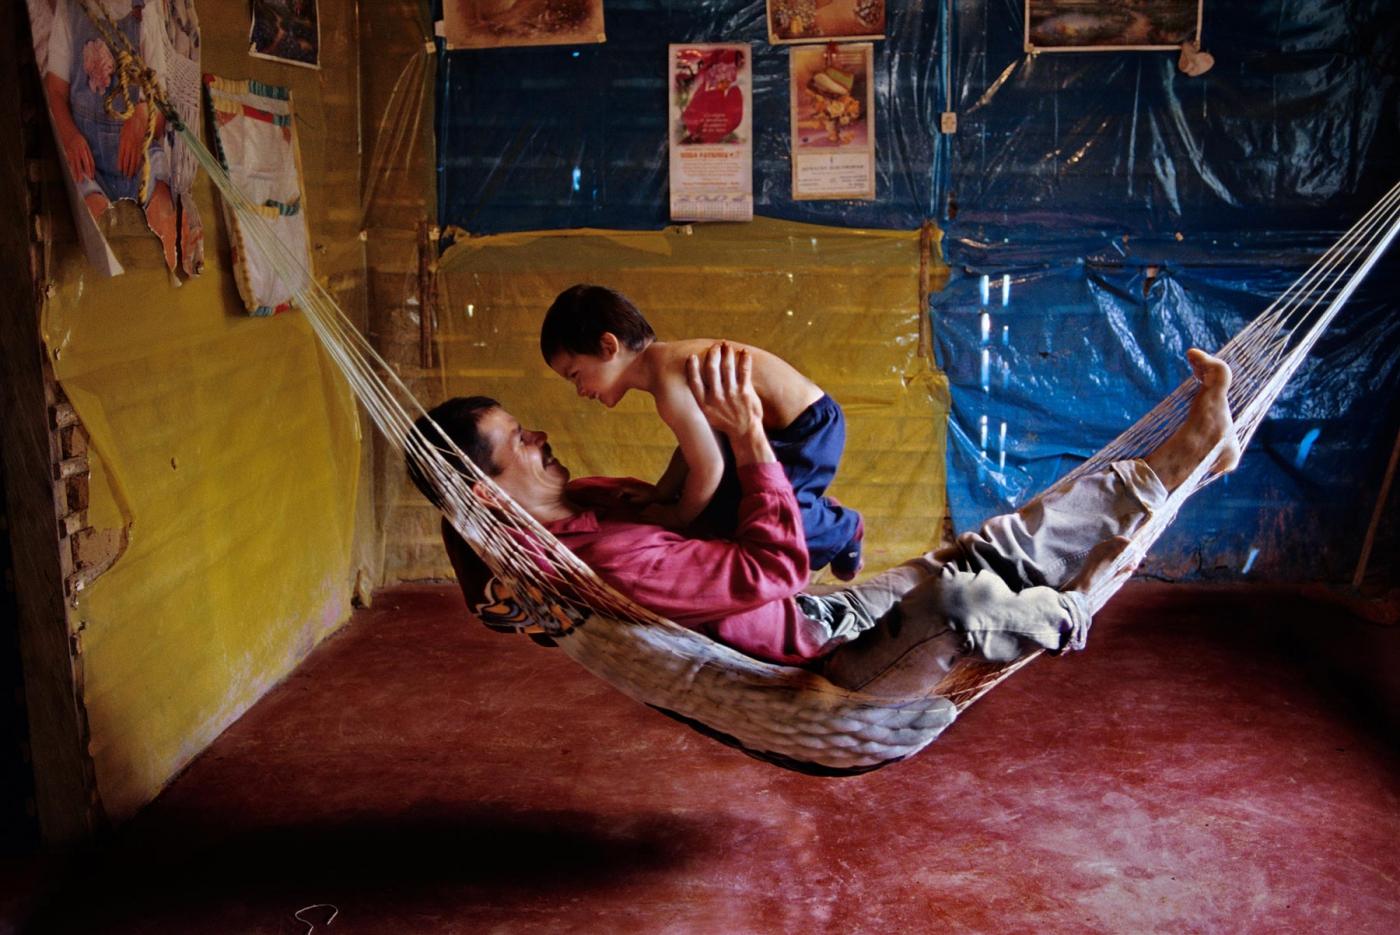 【攝影蟲】殿堂級的攝影記者 Steve McCurry_图1-11